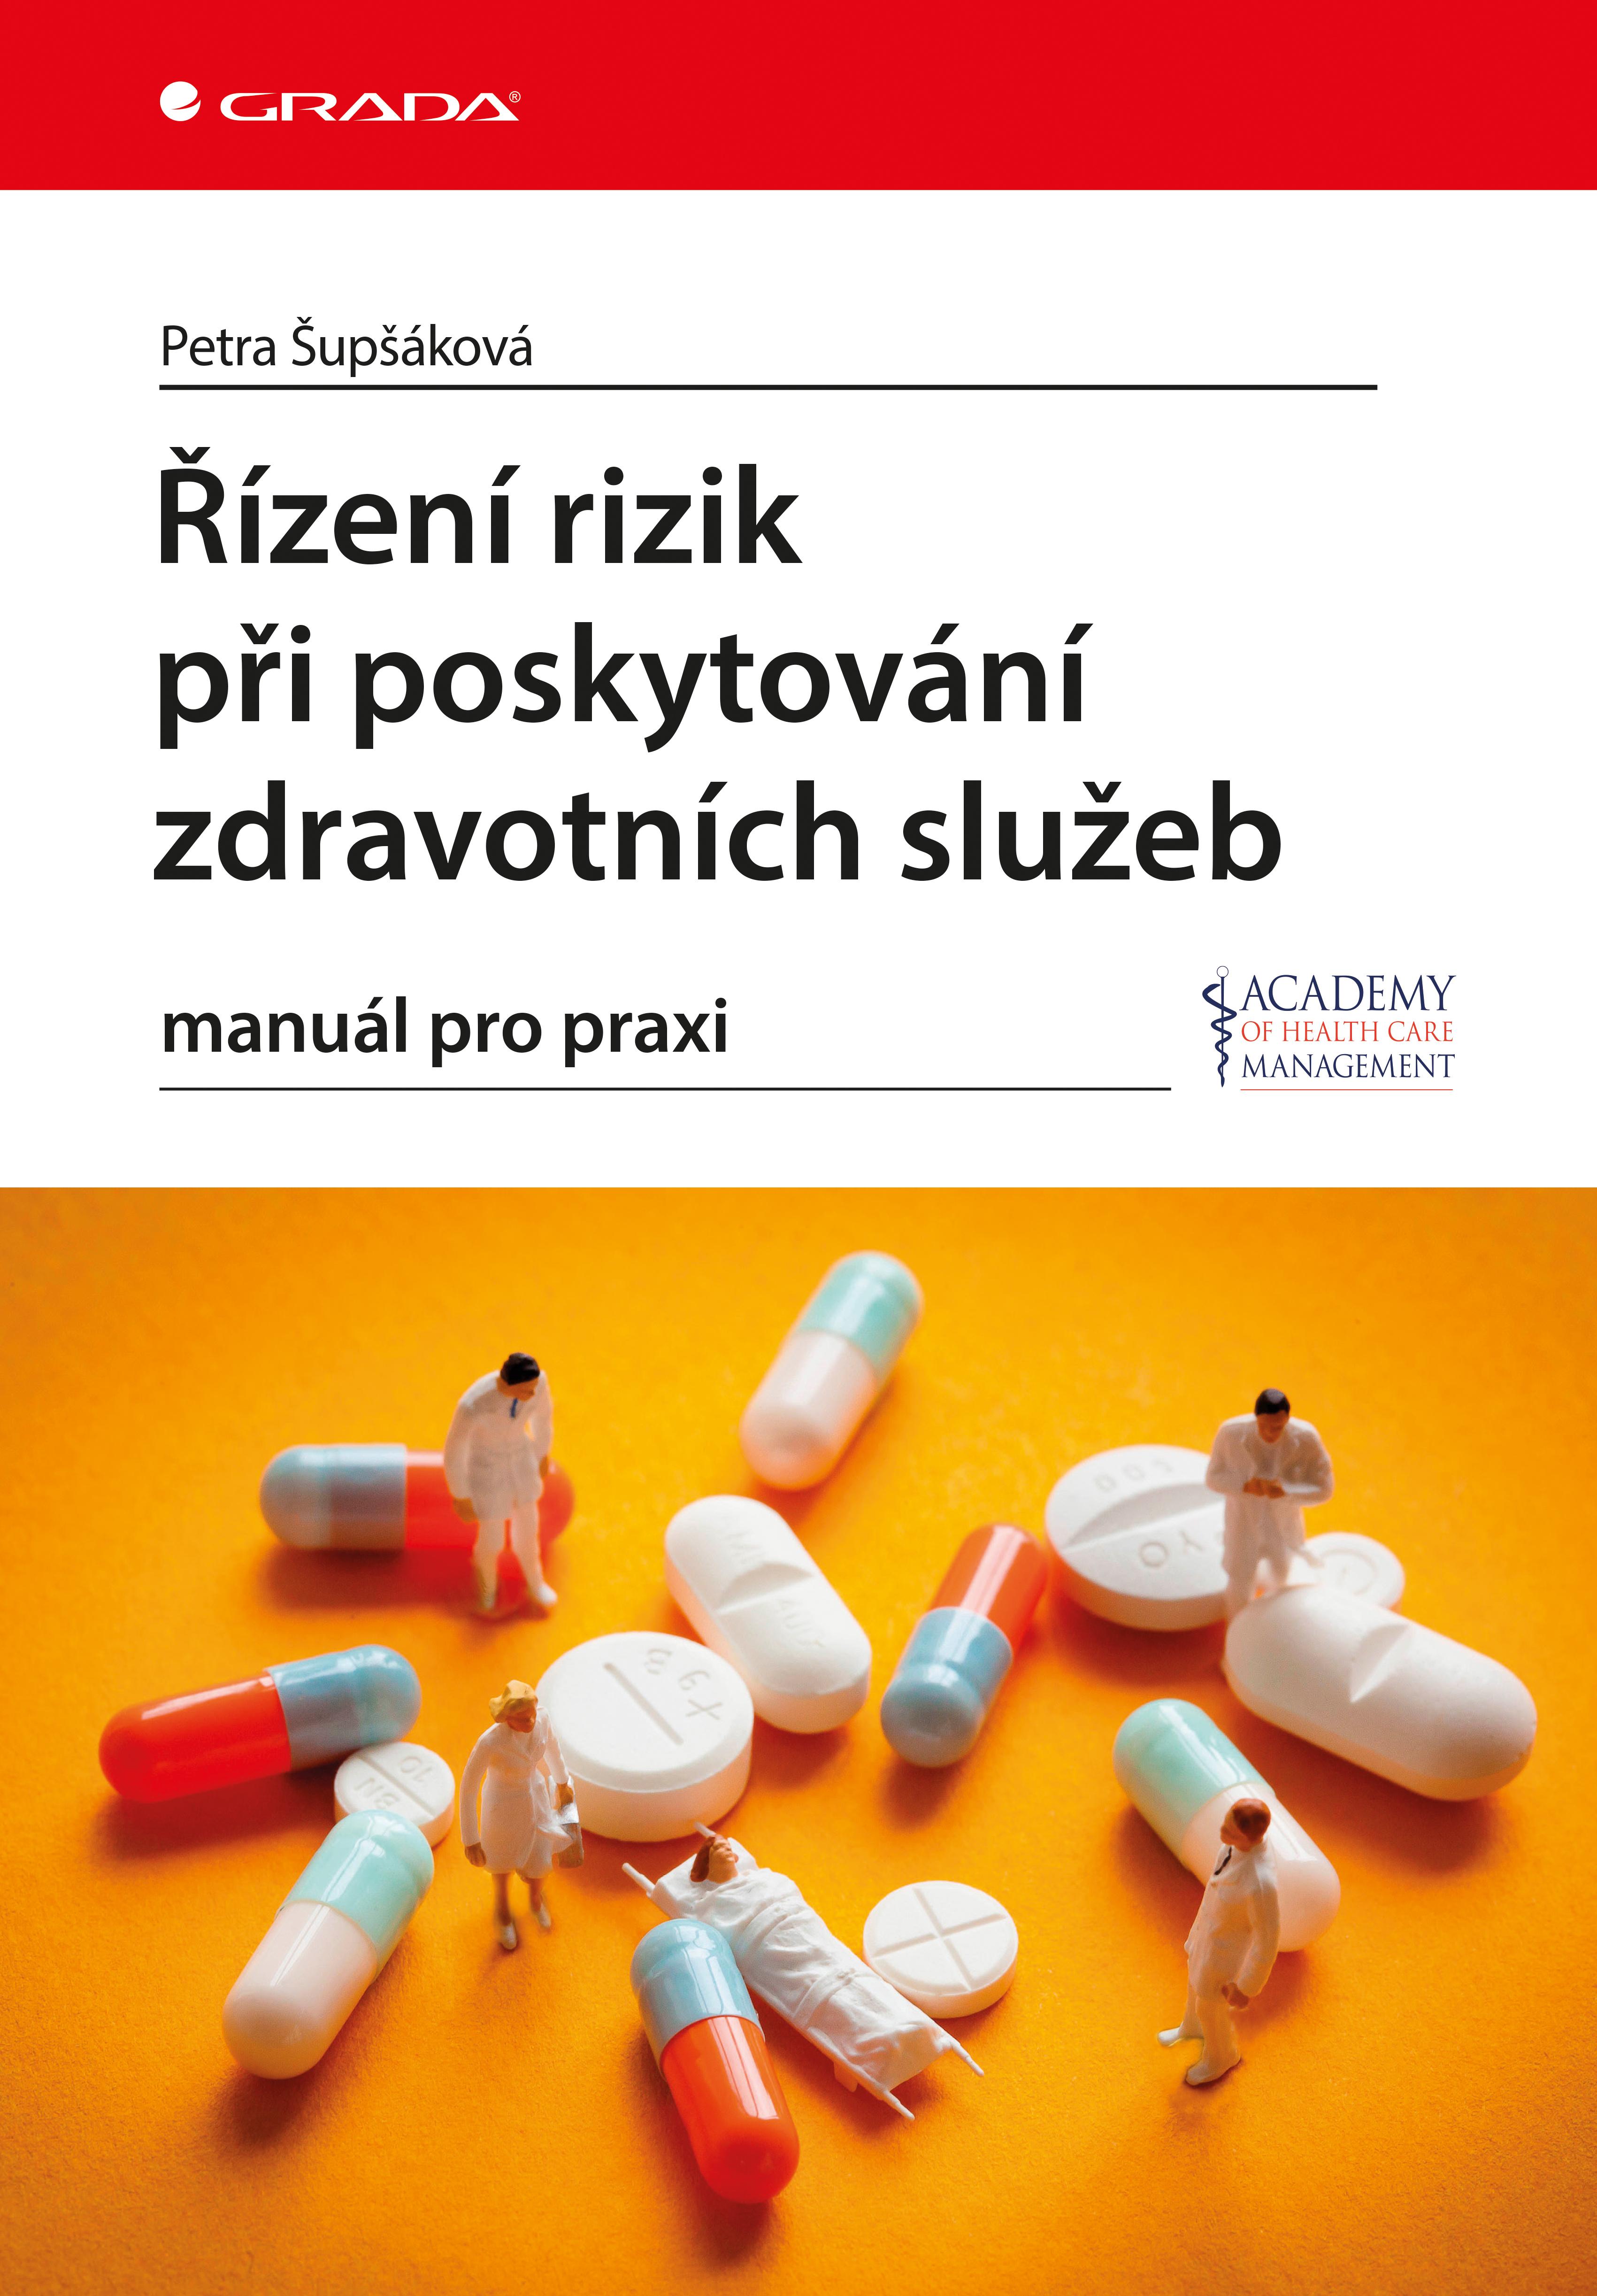 Řízení rizik při poskytování zdravotních služeb, manuál pro praxi